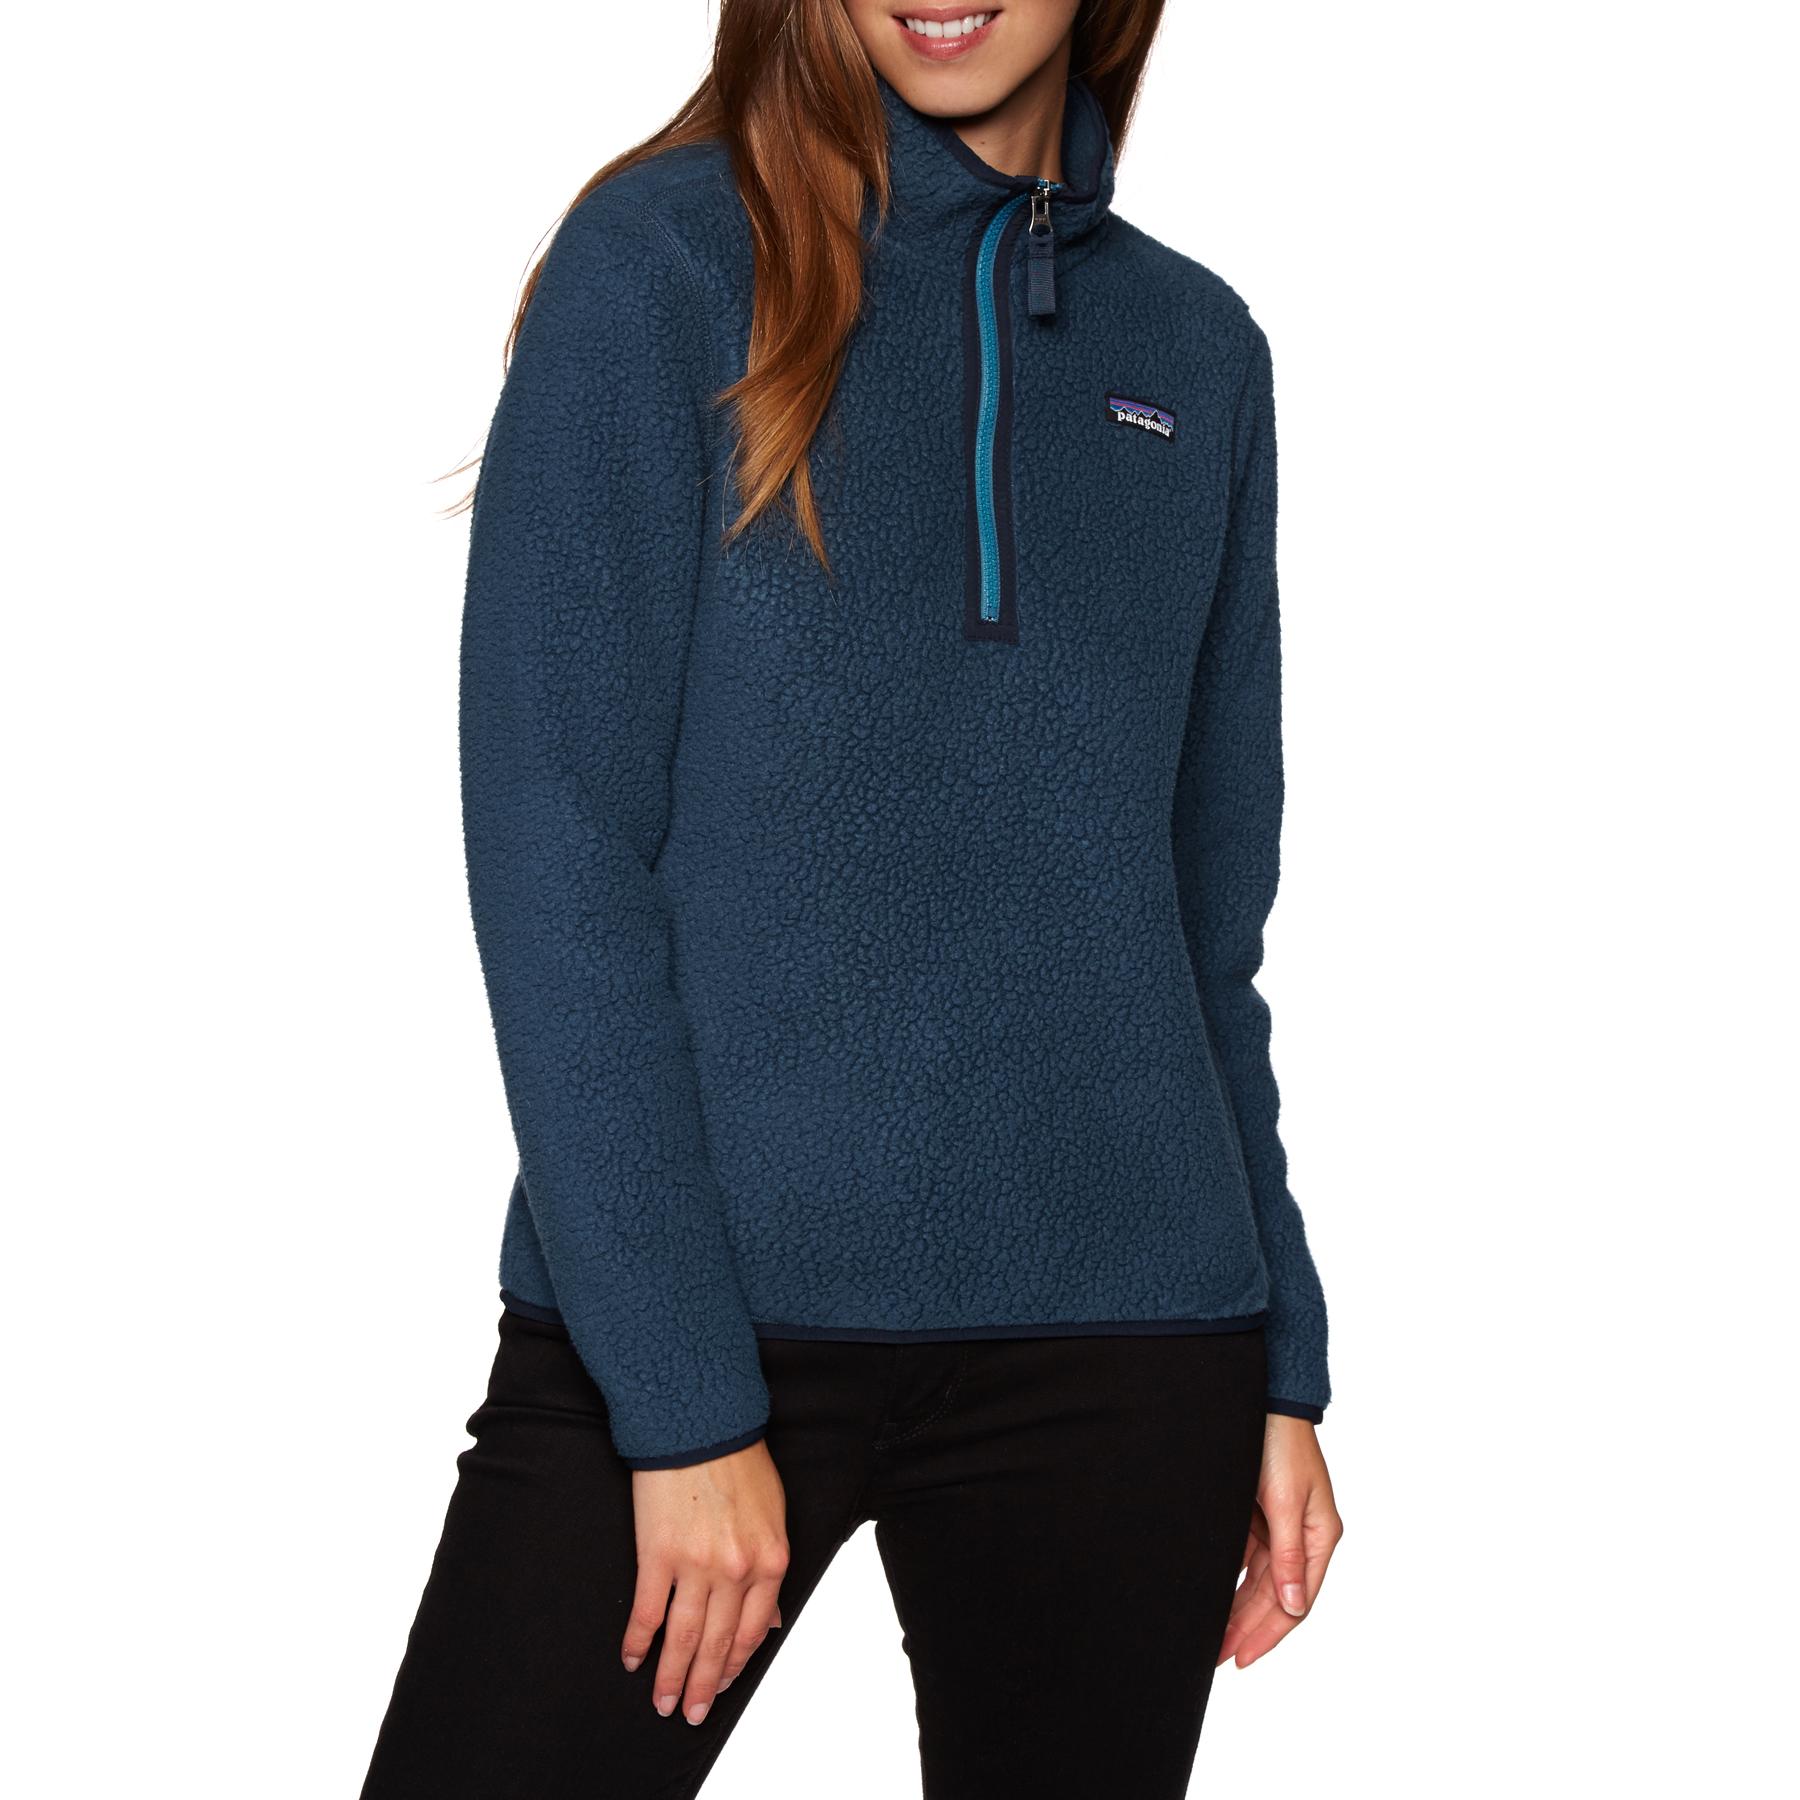 quality design 3da55 d2d53 Patagonia Ws Sportswear Pile Donna Giochi d'imitazione ...